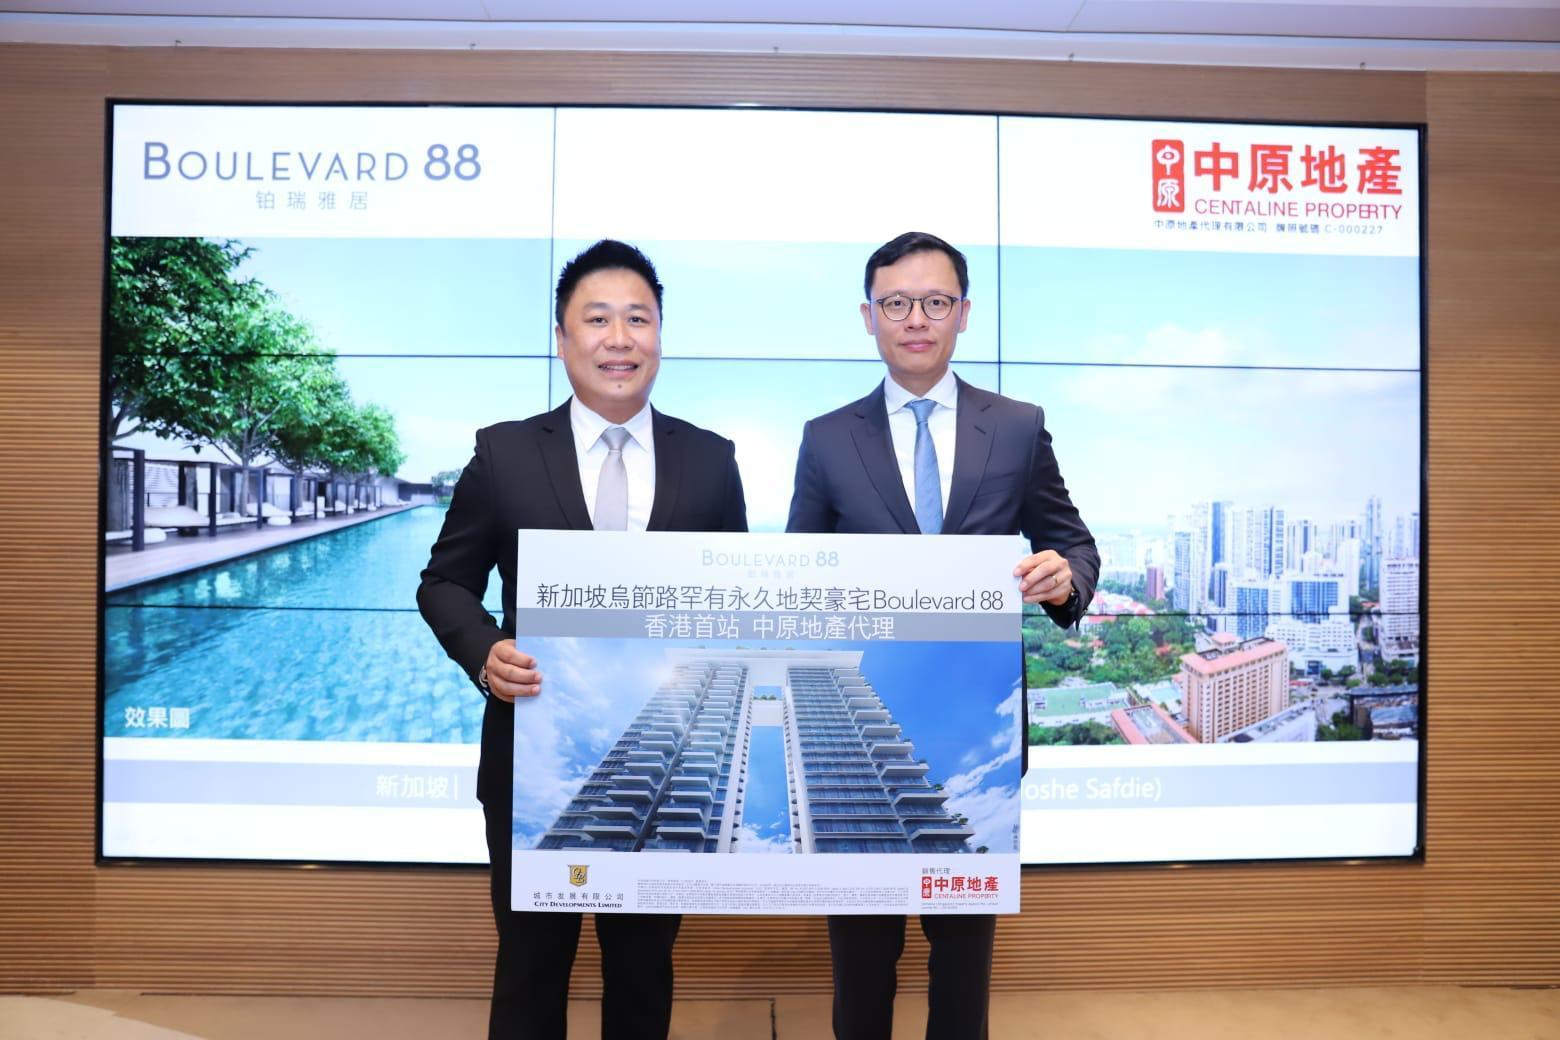 左﹕城市發展有限公司銷售與營業副總裁余志明 右﹕中原地產項目部(中國及海外物業)營業董事許大衛